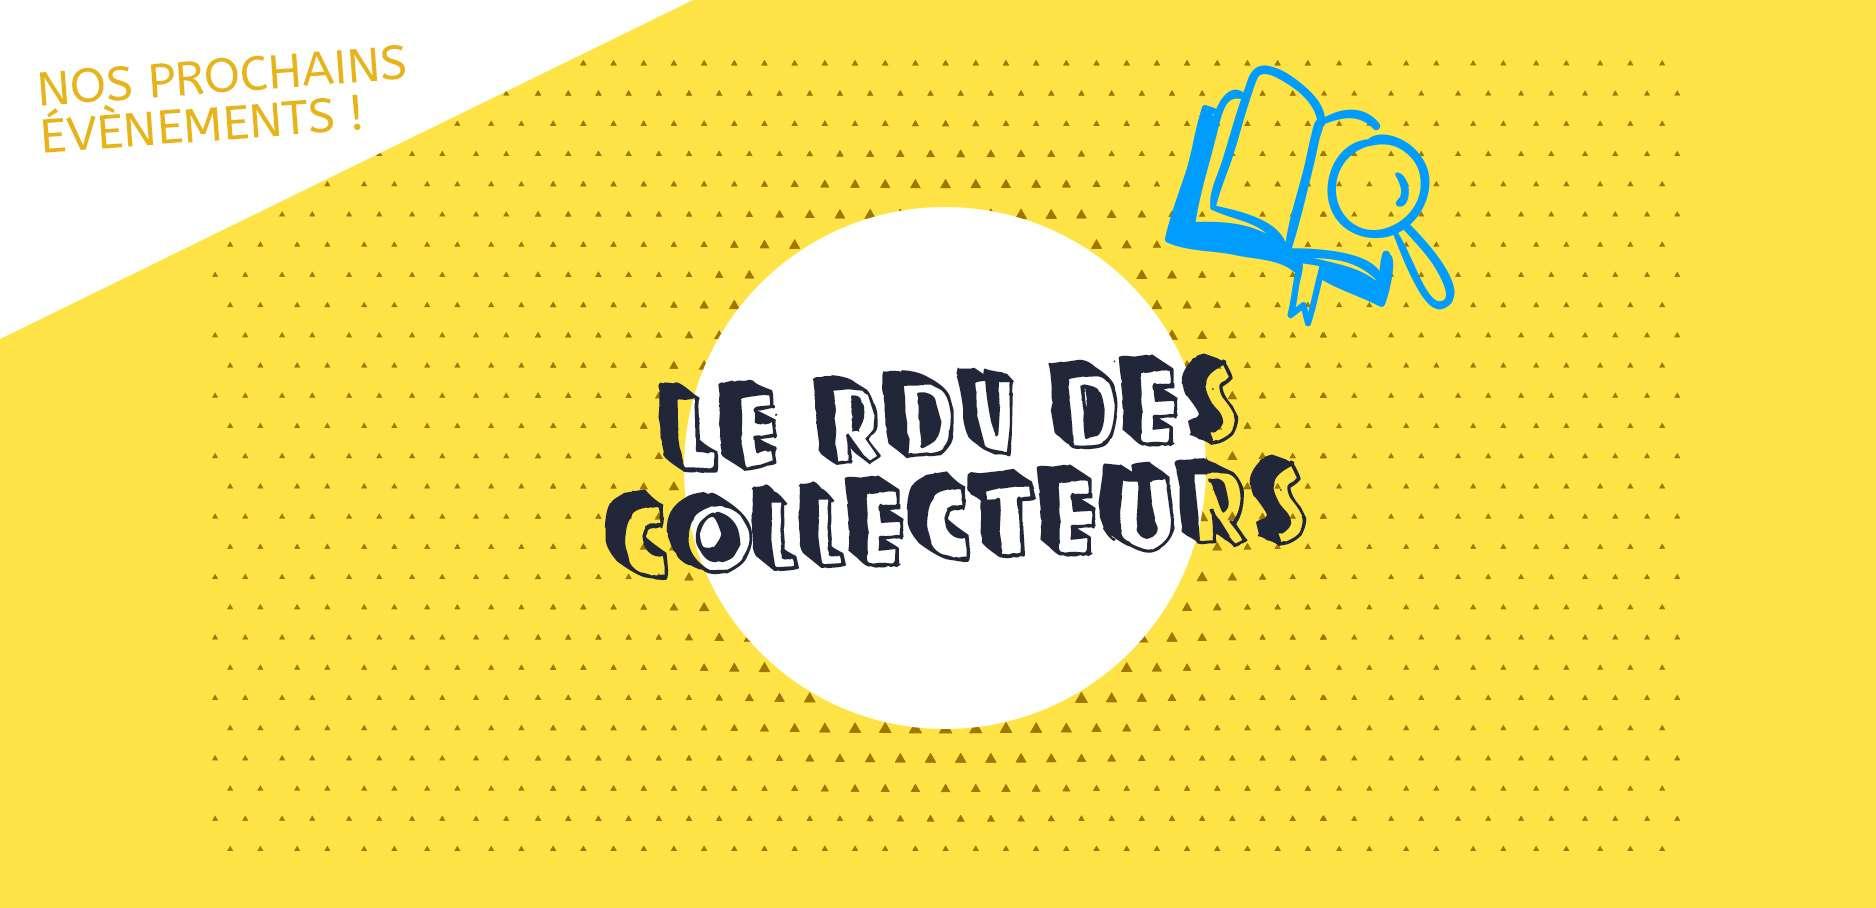 CJP Event Rdv Des Collecteurs